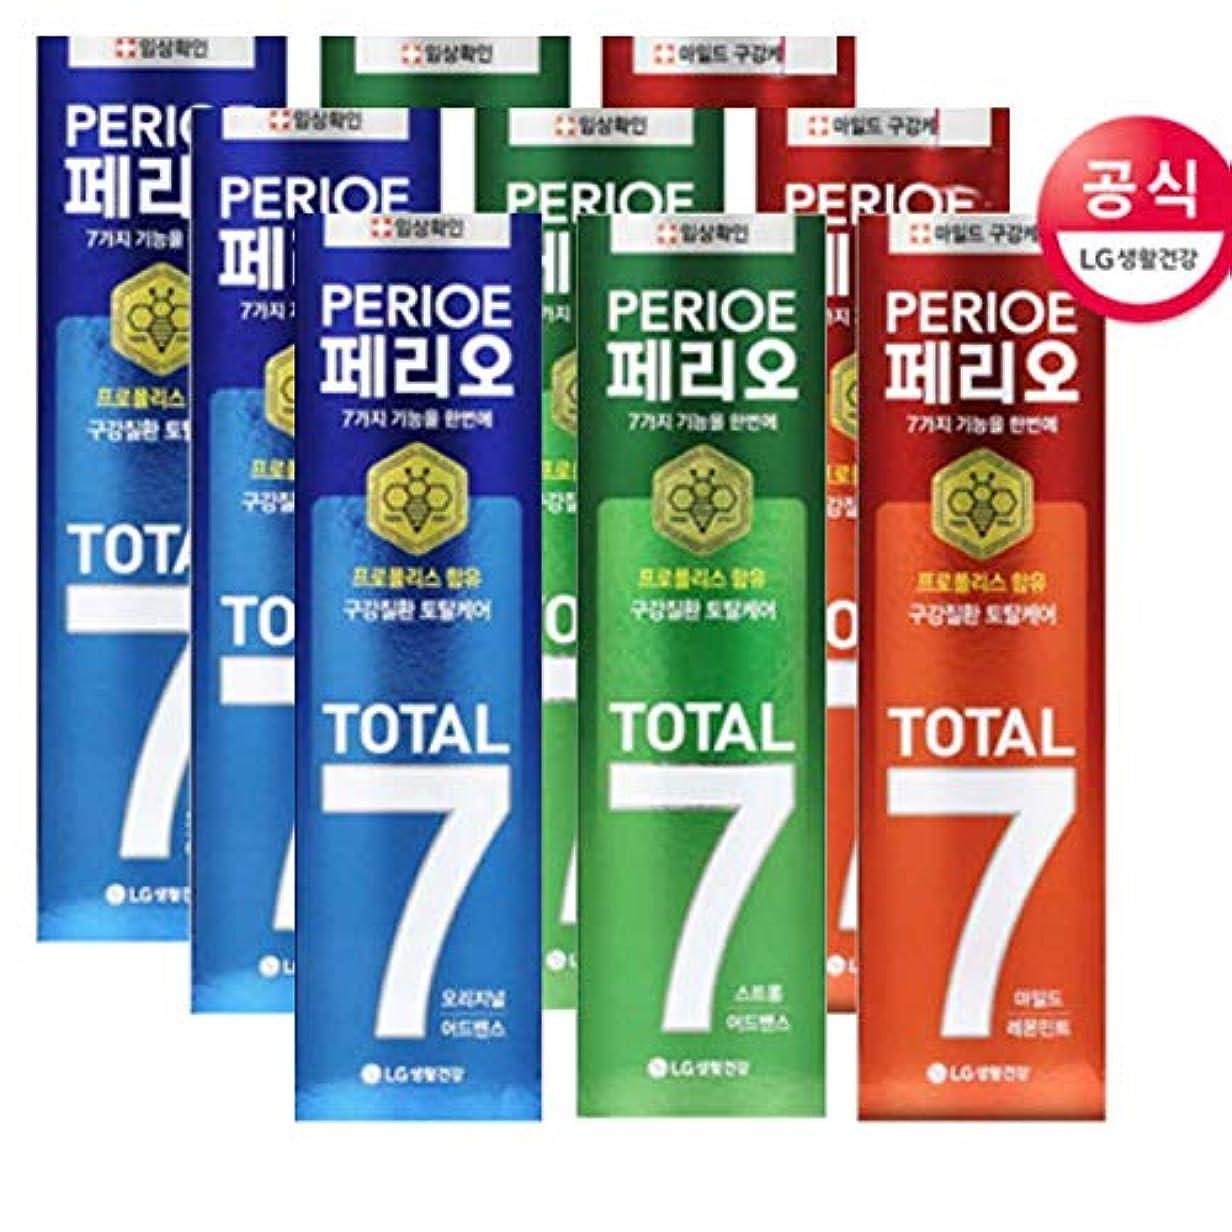 シンプルなしわ見通し[LG HnB] Perio Total 7 toothpaste /ペリオトータル7歯磨き粉 120gx9個(海外直送品)